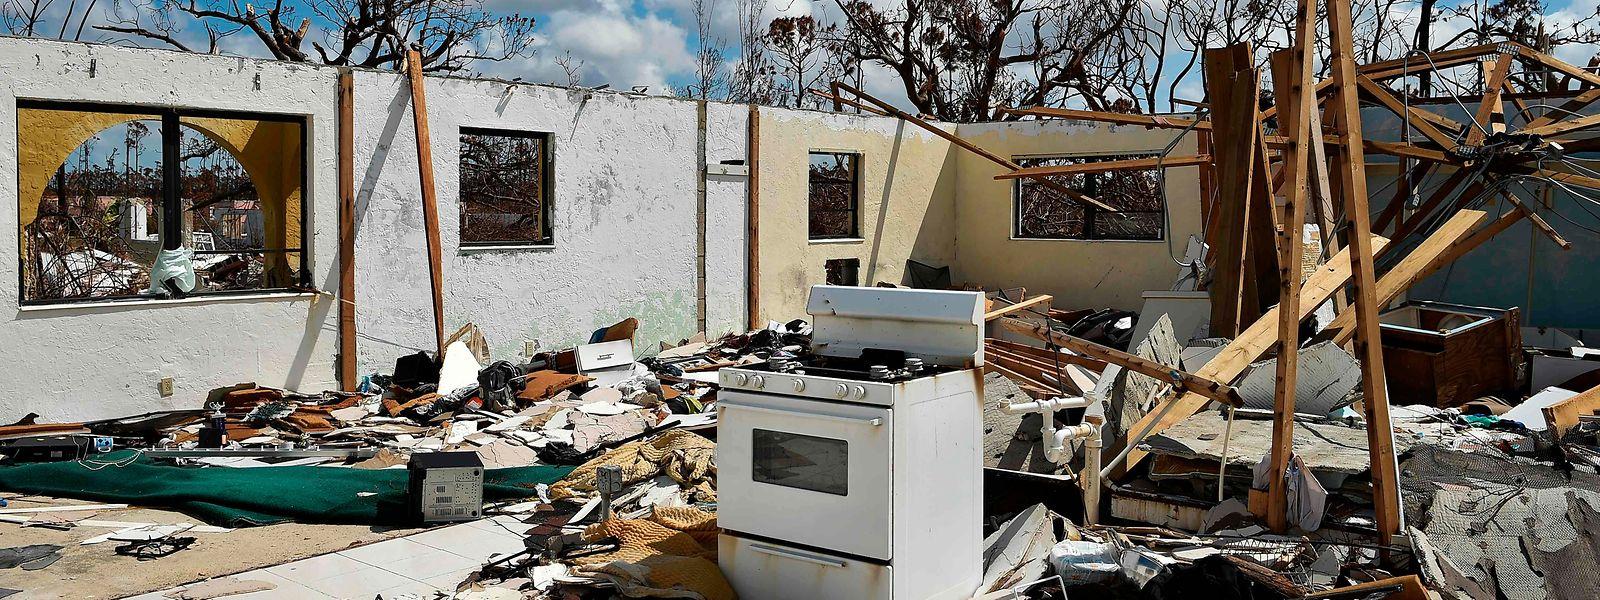 Le bilan officiel reste de 50 morts, a déclaré le chef de la police de l'archipel des Caraïbes, Anthony Ferguson.